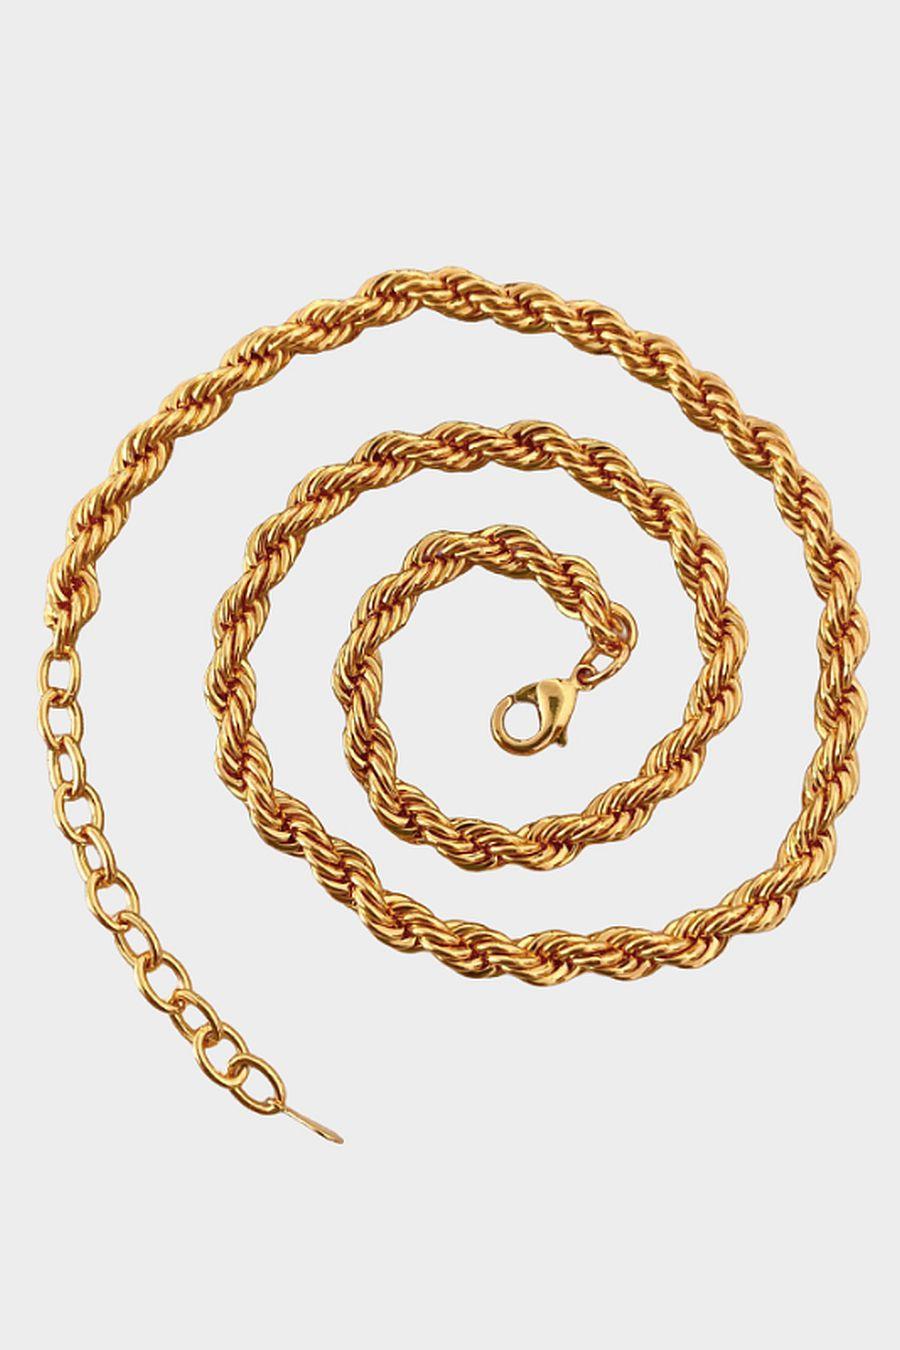 Oma The Label The Caroline Chain